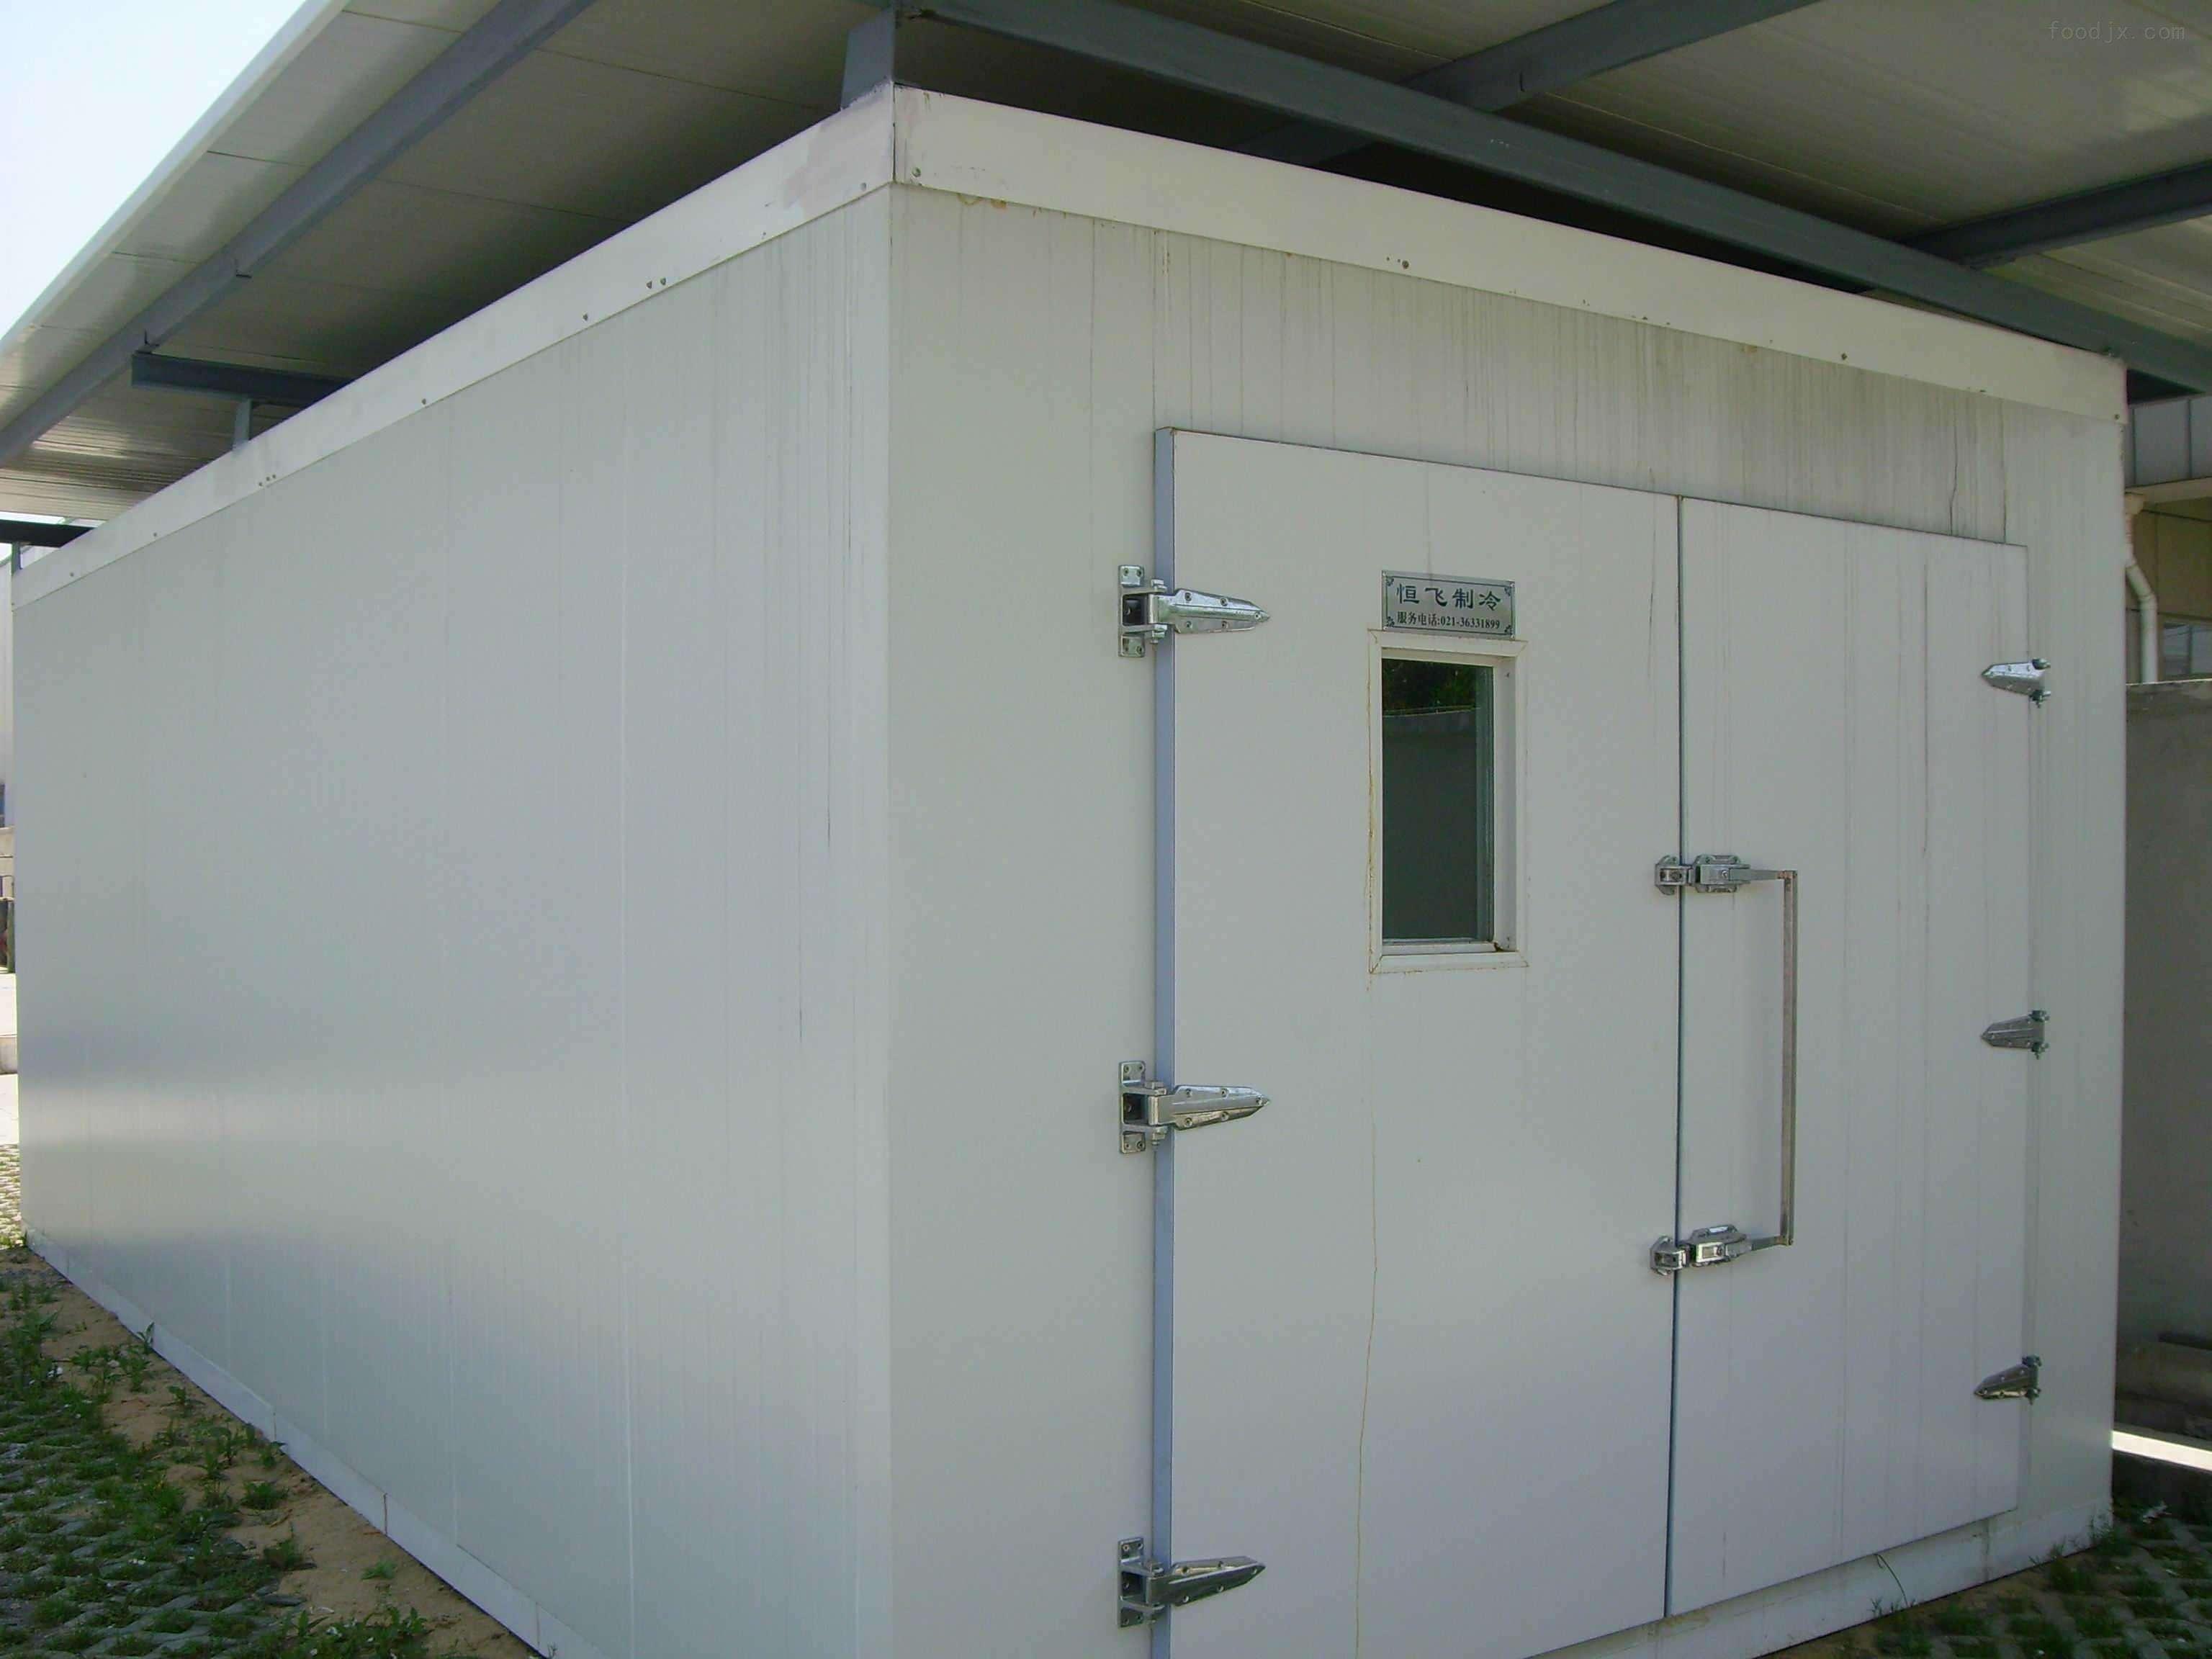 【组图】中央空调日常清洗的内容 石家庄鲜肉冷库的安装